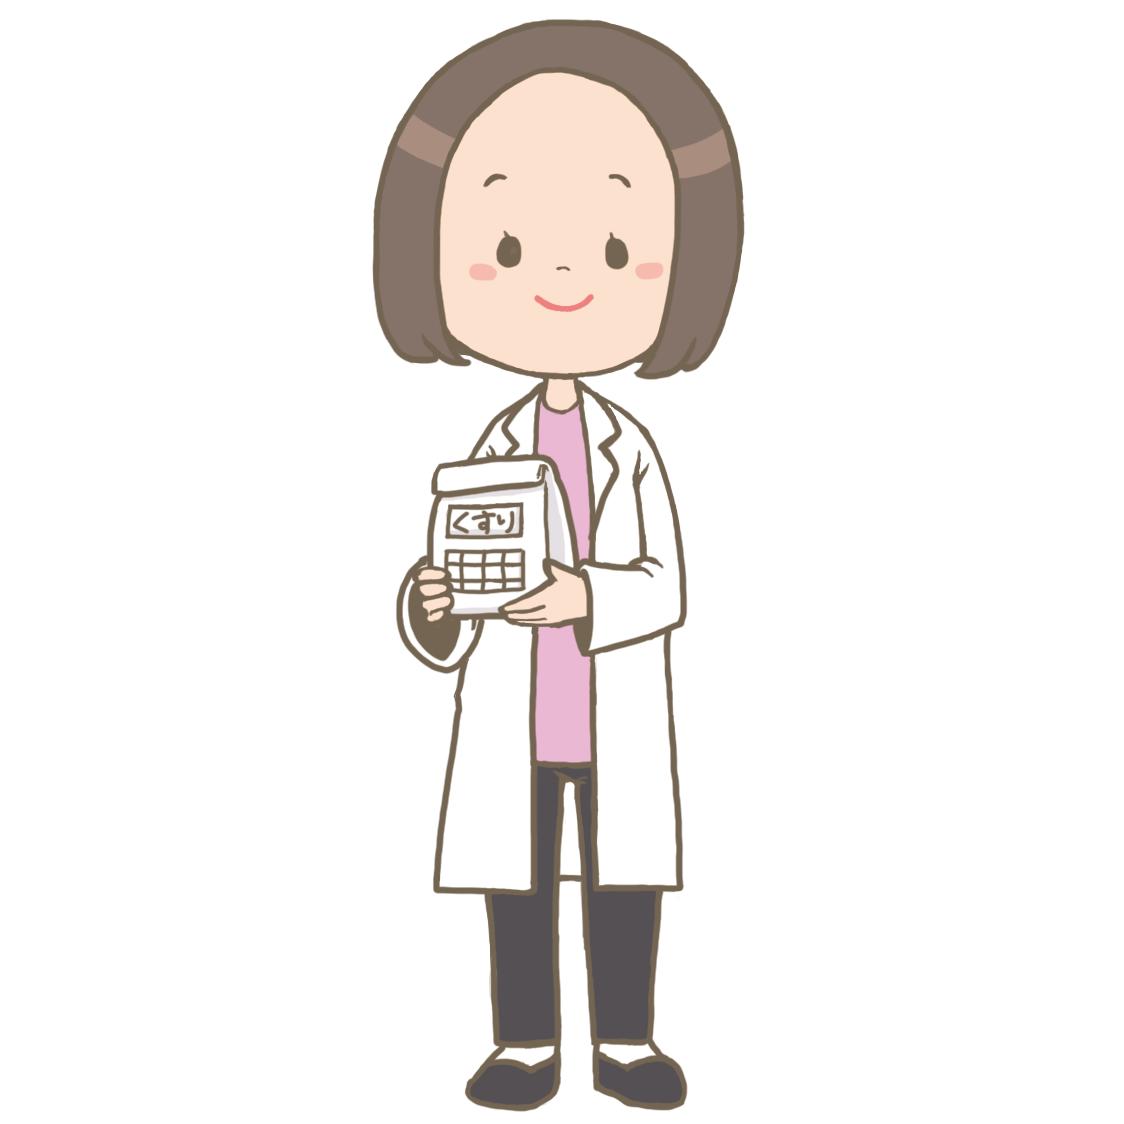 受付にいる医療事務員(女性)のイラスト?【フリー素材】 看護roo